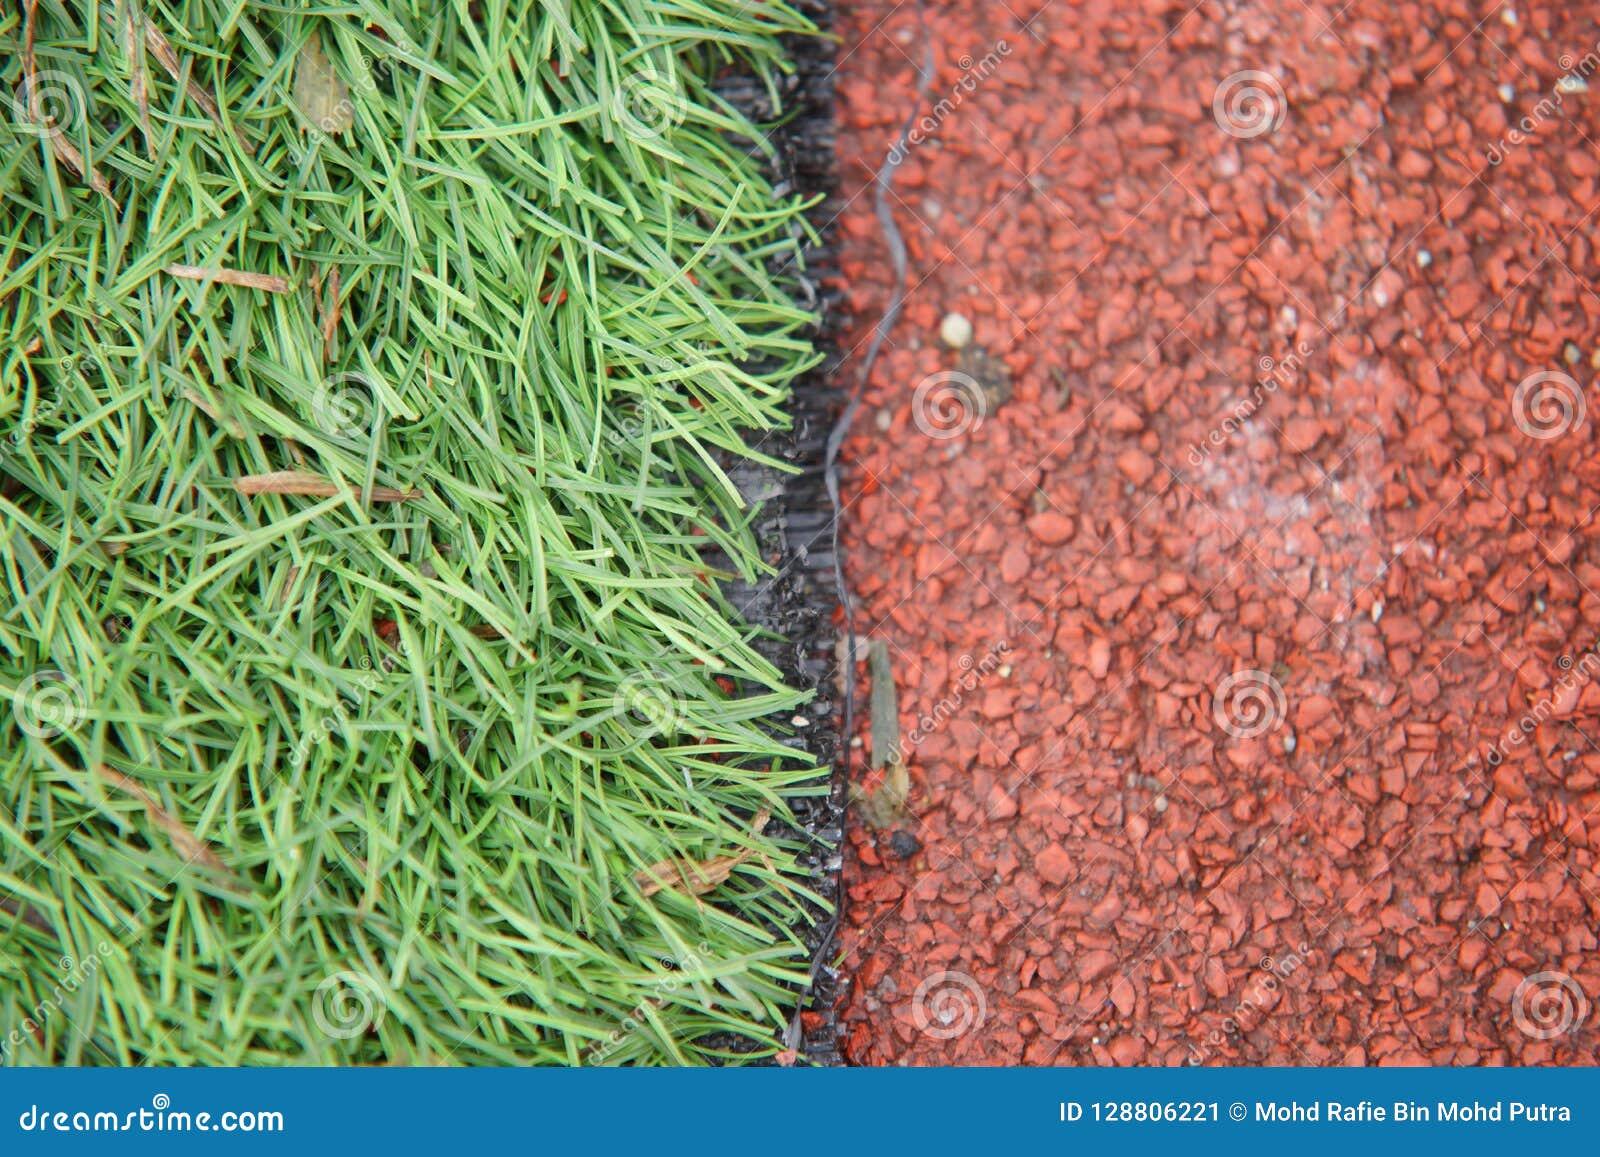 A foto do atletismo artificial do close up com grama verde combinou com a grama artificial